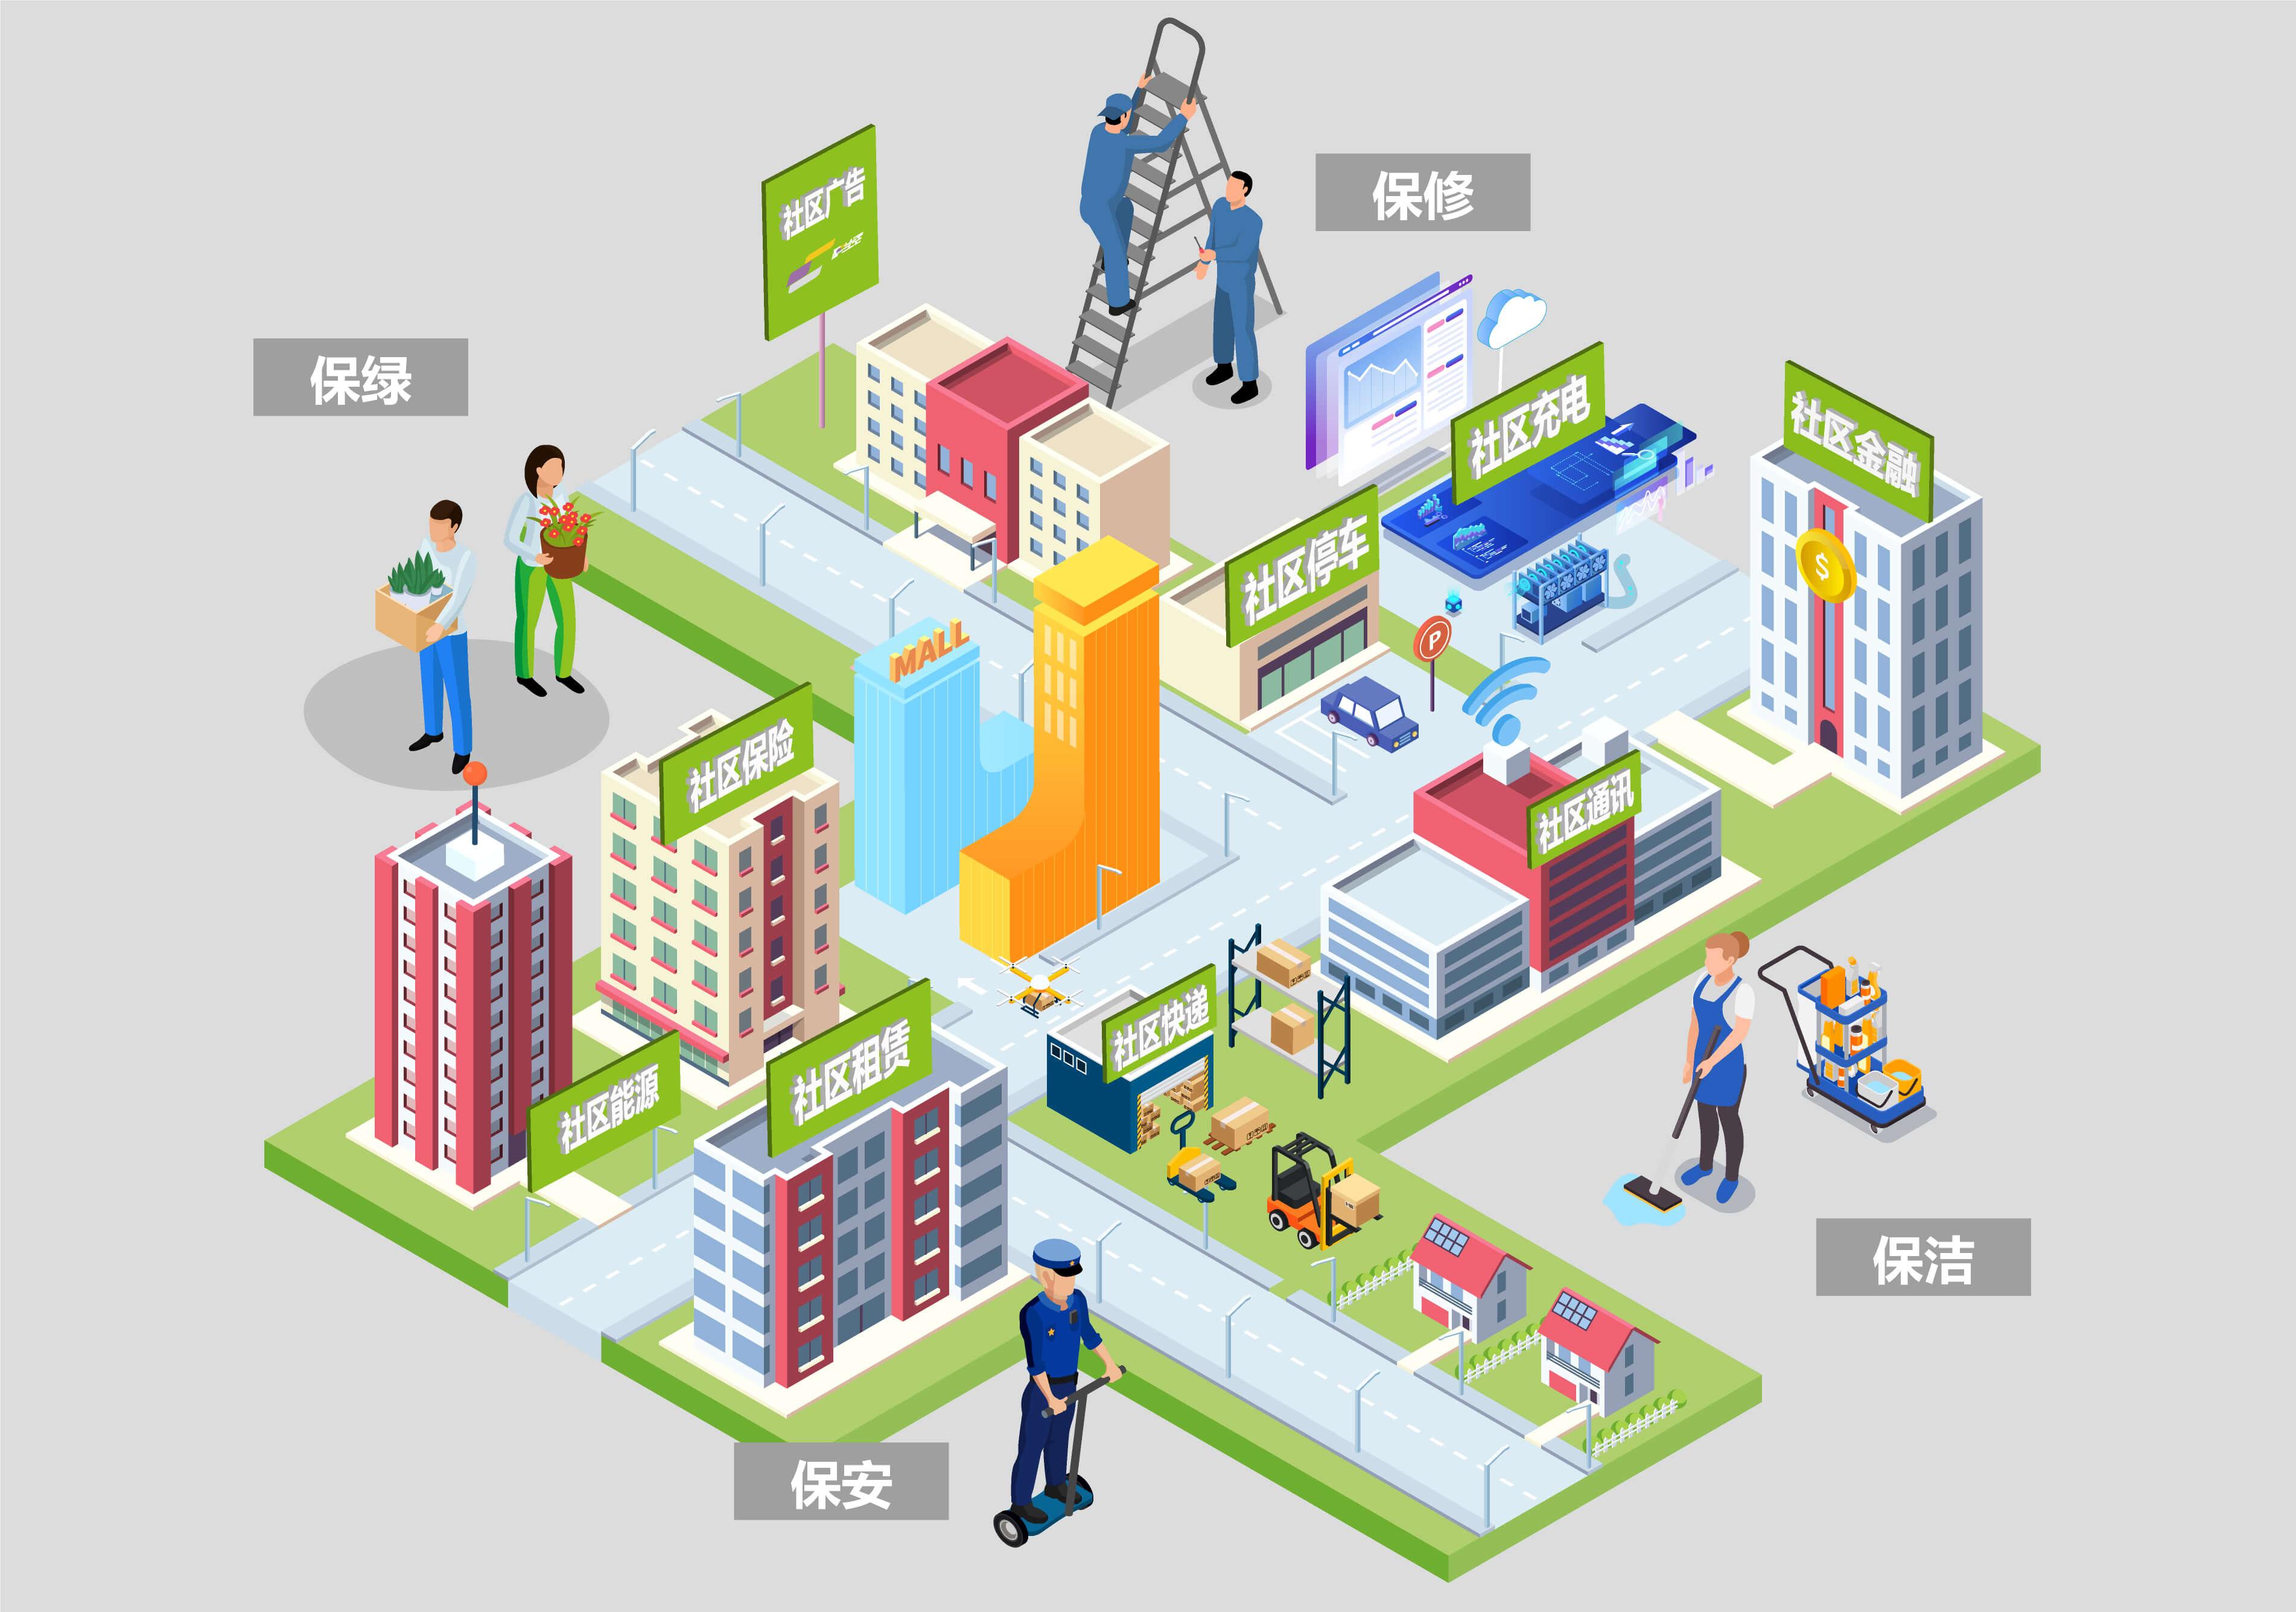 ope官网,打造自动化智慧社区